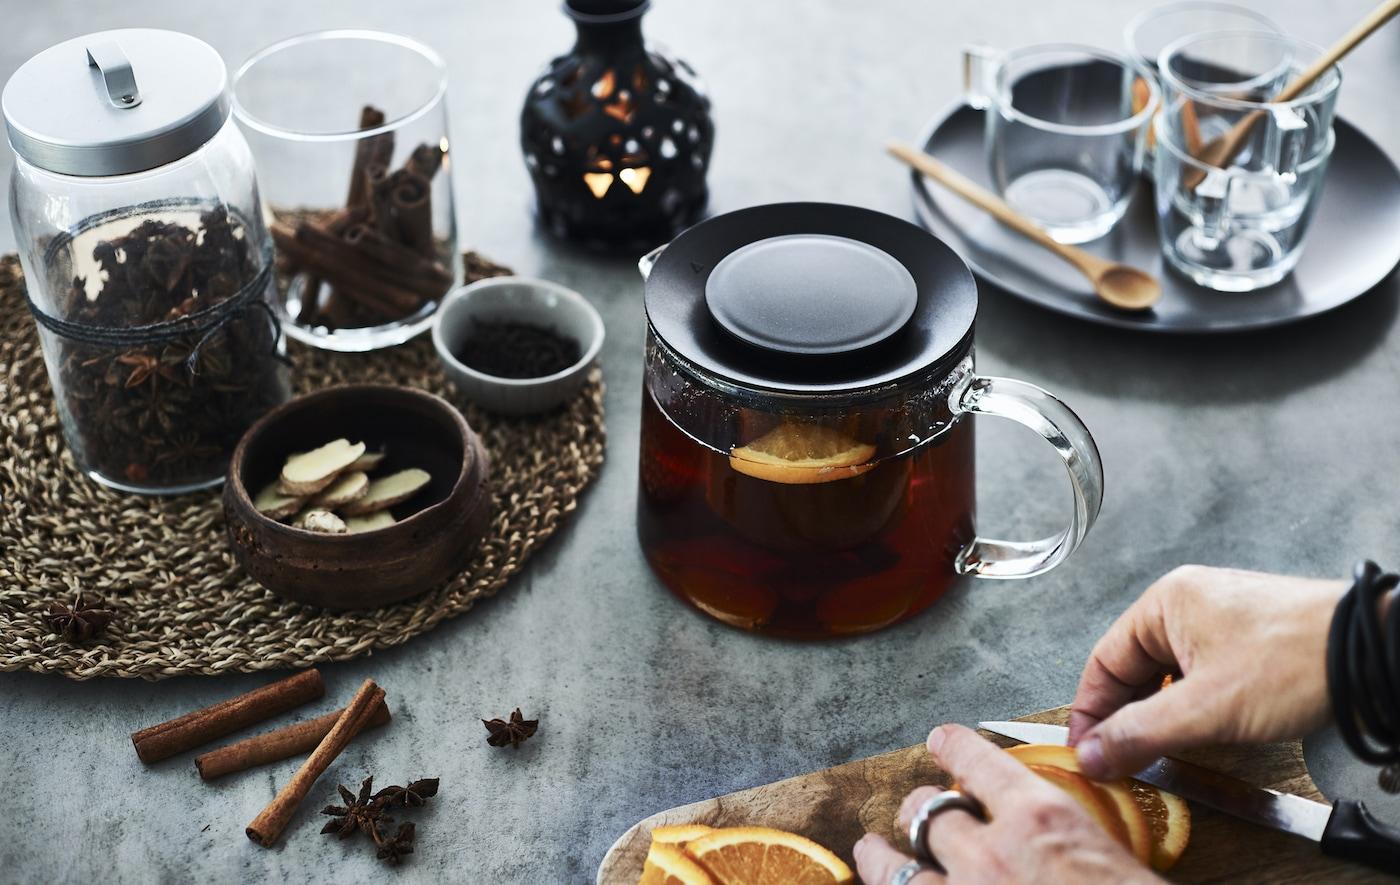 Joulutee. Kannullinen teetä ja joulukauden mausteita kulhoissa.